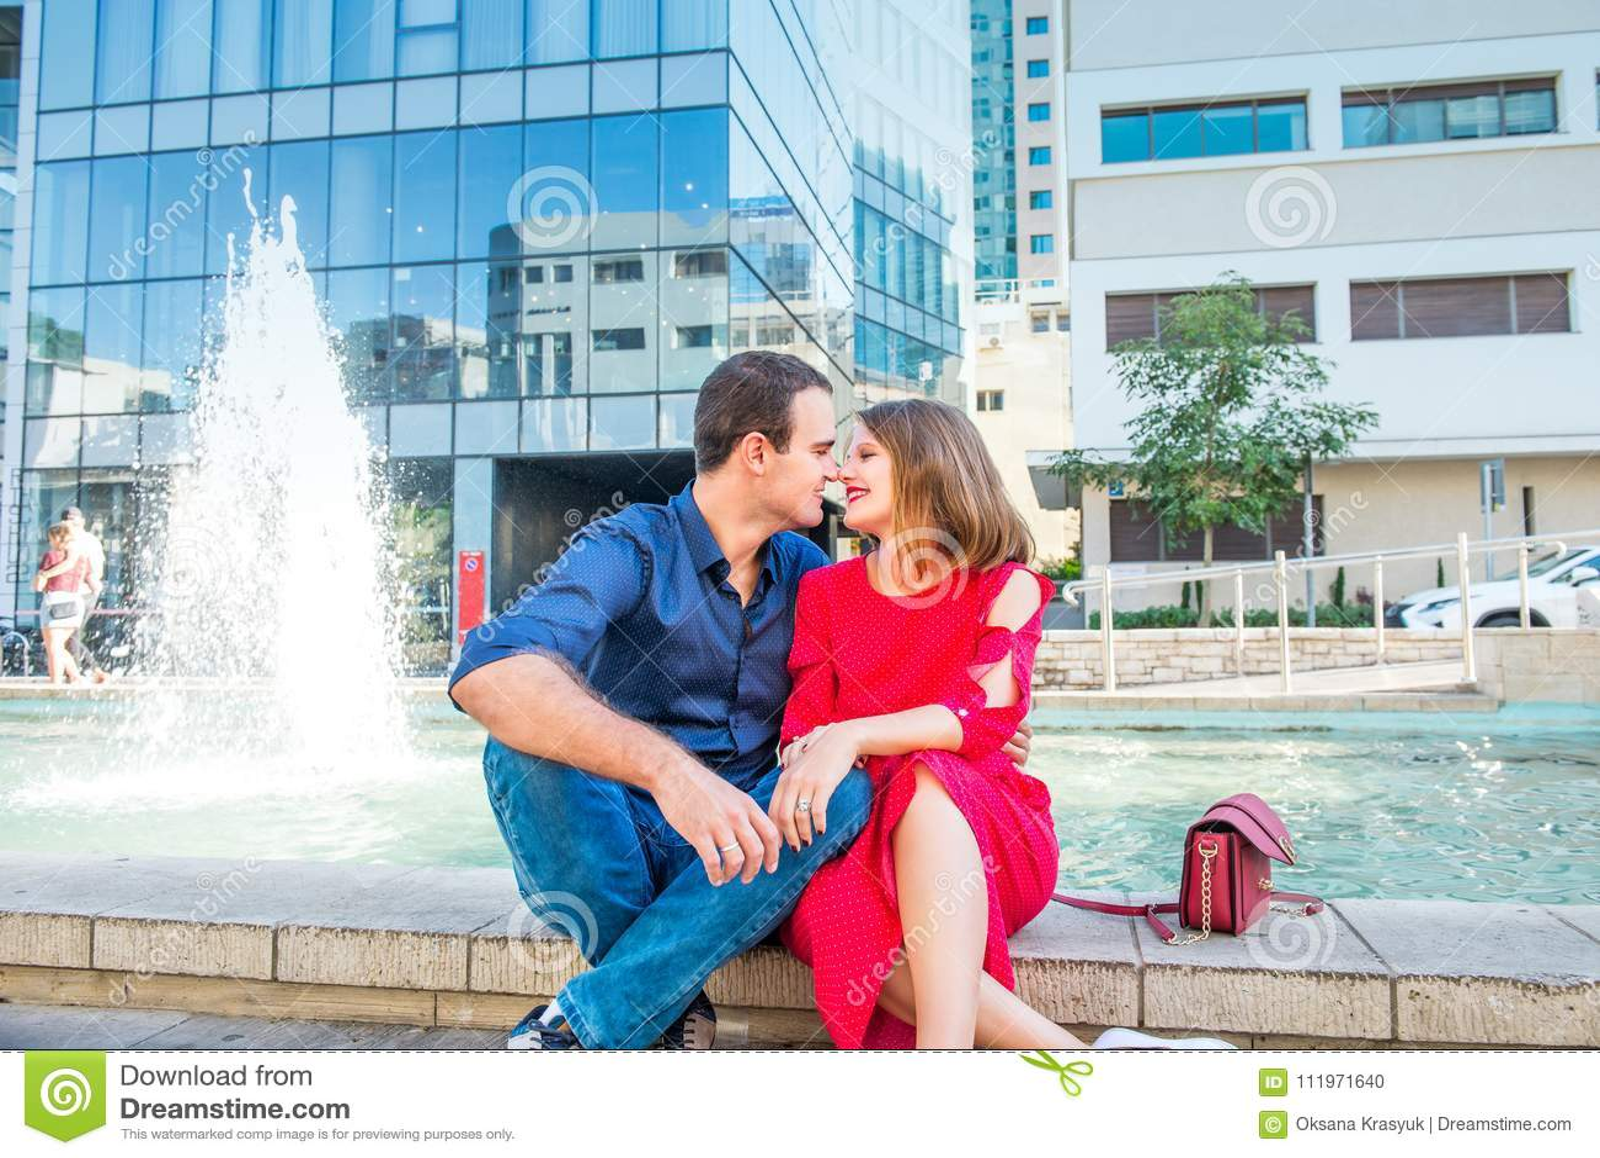 Город знакомств и любви архангельск знакомство с дамой на ночь